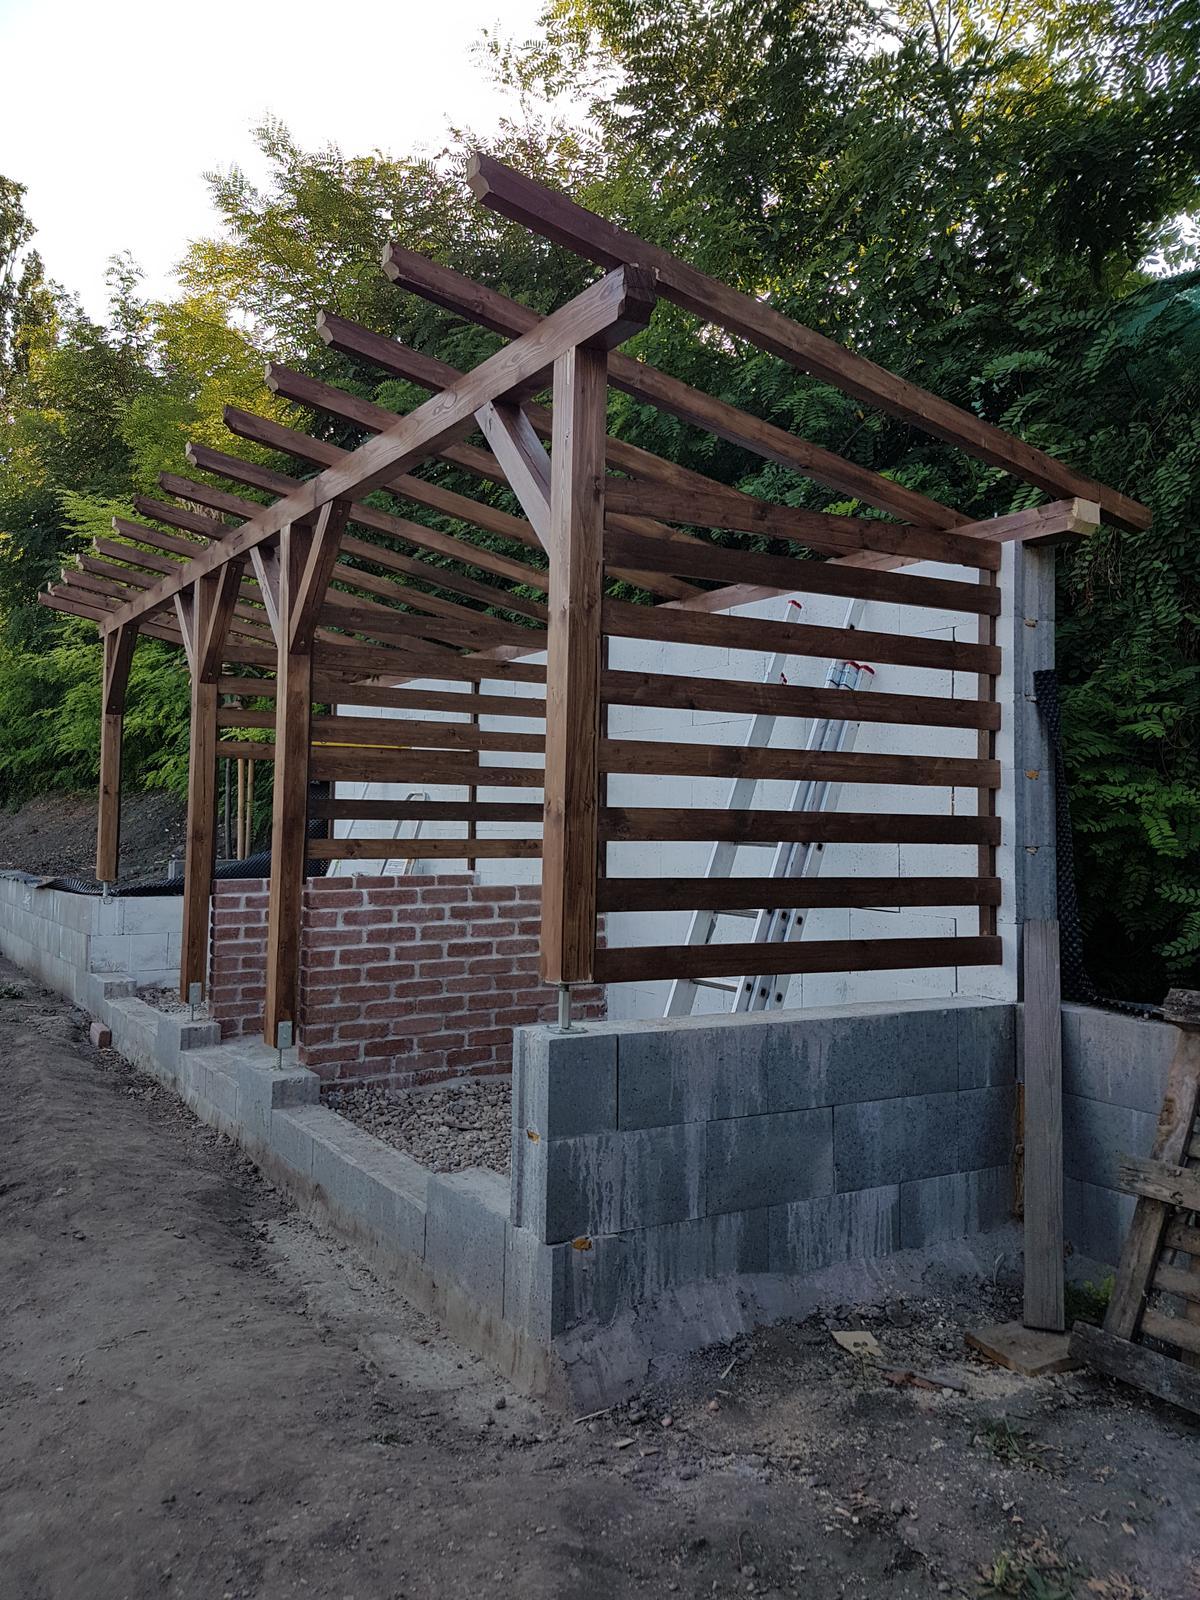 Drevník a kafé kútik - projekt roku  2018 - Po prvom dni. Zajtra pokračujeme.